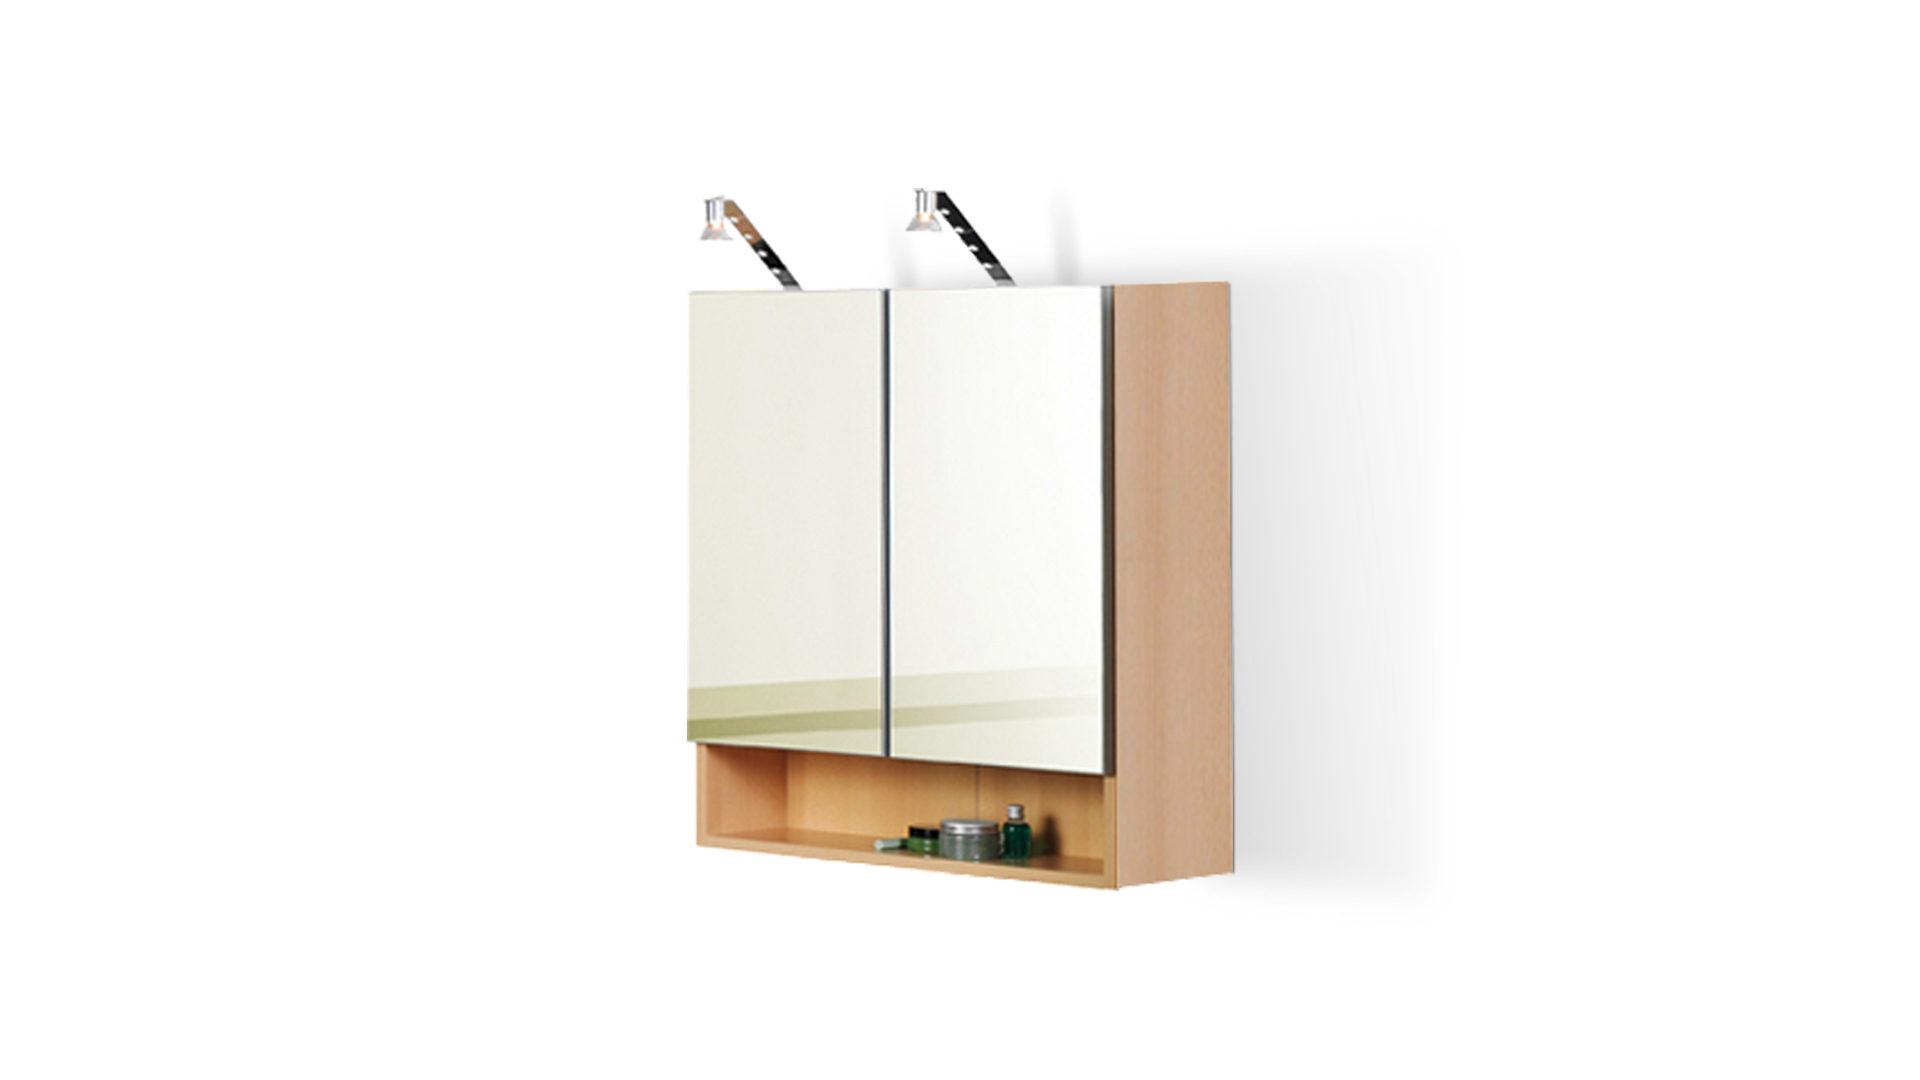 möbel hermes | räume | badezimmer | spiegelschränke + spiegel, Hause ideen